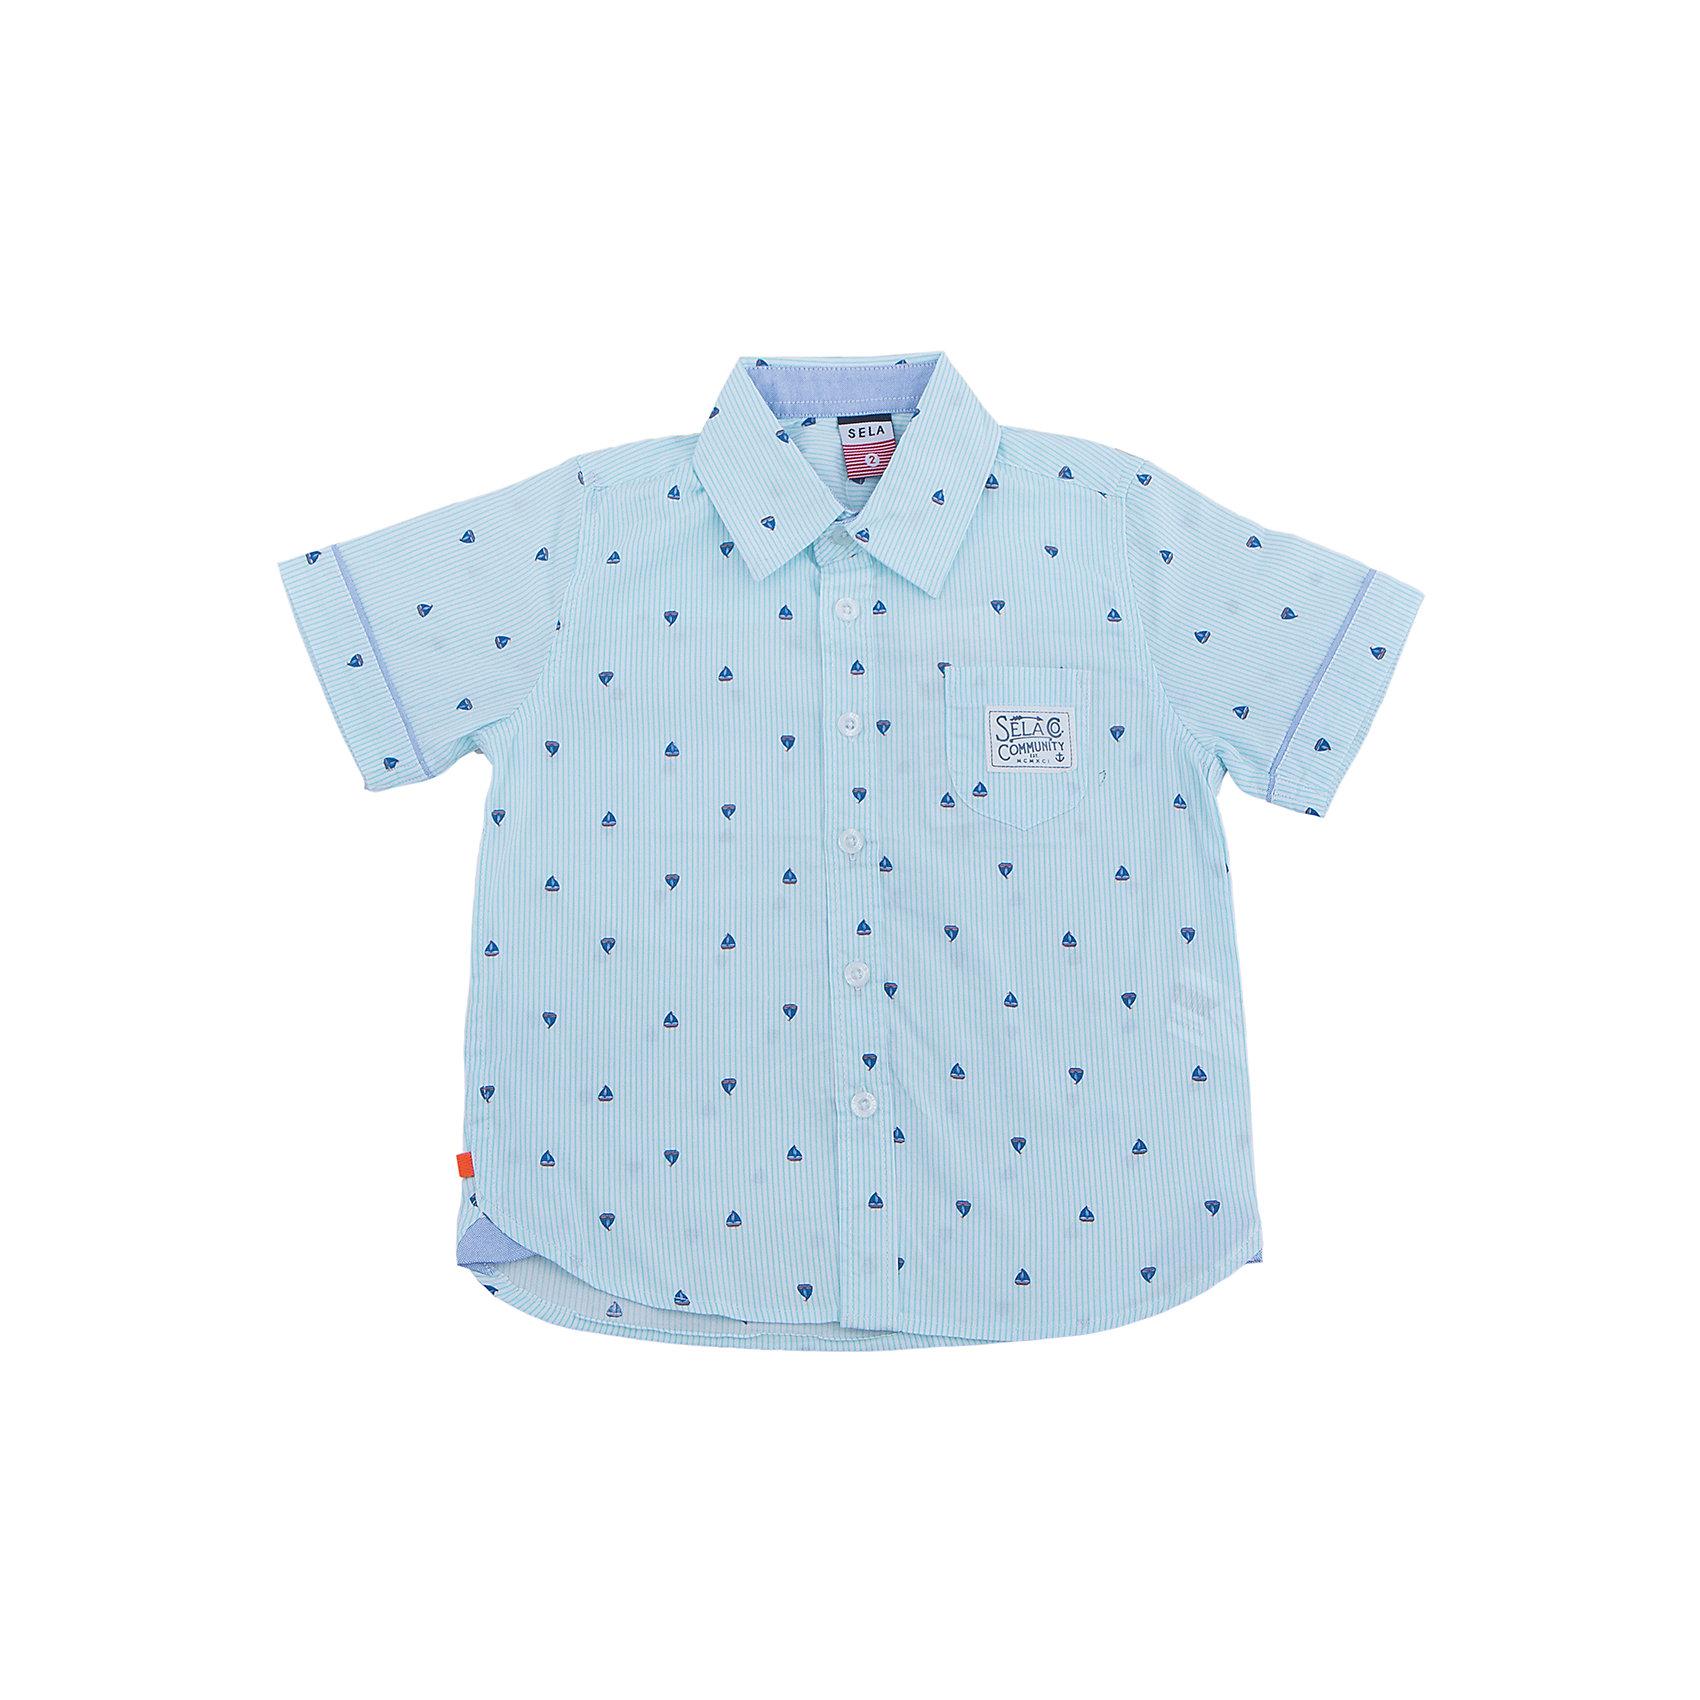 Рубашка для мальчика SELAБлузки и рубашки<br>Характеристики товара:<br><br>• цвет: голубой<br>• сезон: лето<br>• состав: 100% хлопок<br>• пуговицы<br>• короткие рукава<br>• отложной воротник<br>• принт<br>• страна бренда: Россия<br><br>Модная рубашка для мальчика разнообразит гардероб ребенка. Она отлично сочетается с джинсами, брюками или шортами. Очень стильно смотрится!<br><br>Одежда, обувь и аксессуары от российского бренда SELA не зря пользуются большой популярностью у детей и взрослых! Модели этой марки - стильные и удобные, цена при этом неизменно остается доступной. <br><br>Рубашку для мальчика от популярного бренда SELA (СЕЛА) можно купить в нашем интернет-магазине.<br><br>Ширина мм: 174<br>Глубина мм: 10<br>Высота мм: 169<br>Вес г: 157<br>Цвет: голубой<br>Возраст от месяцев: 60<br>Возраст до месяцев: 72<br>Пол: Мужской<br>Возраст: Детский<br>Размер: 116,92,98,104,110<br>SKU: 5305538